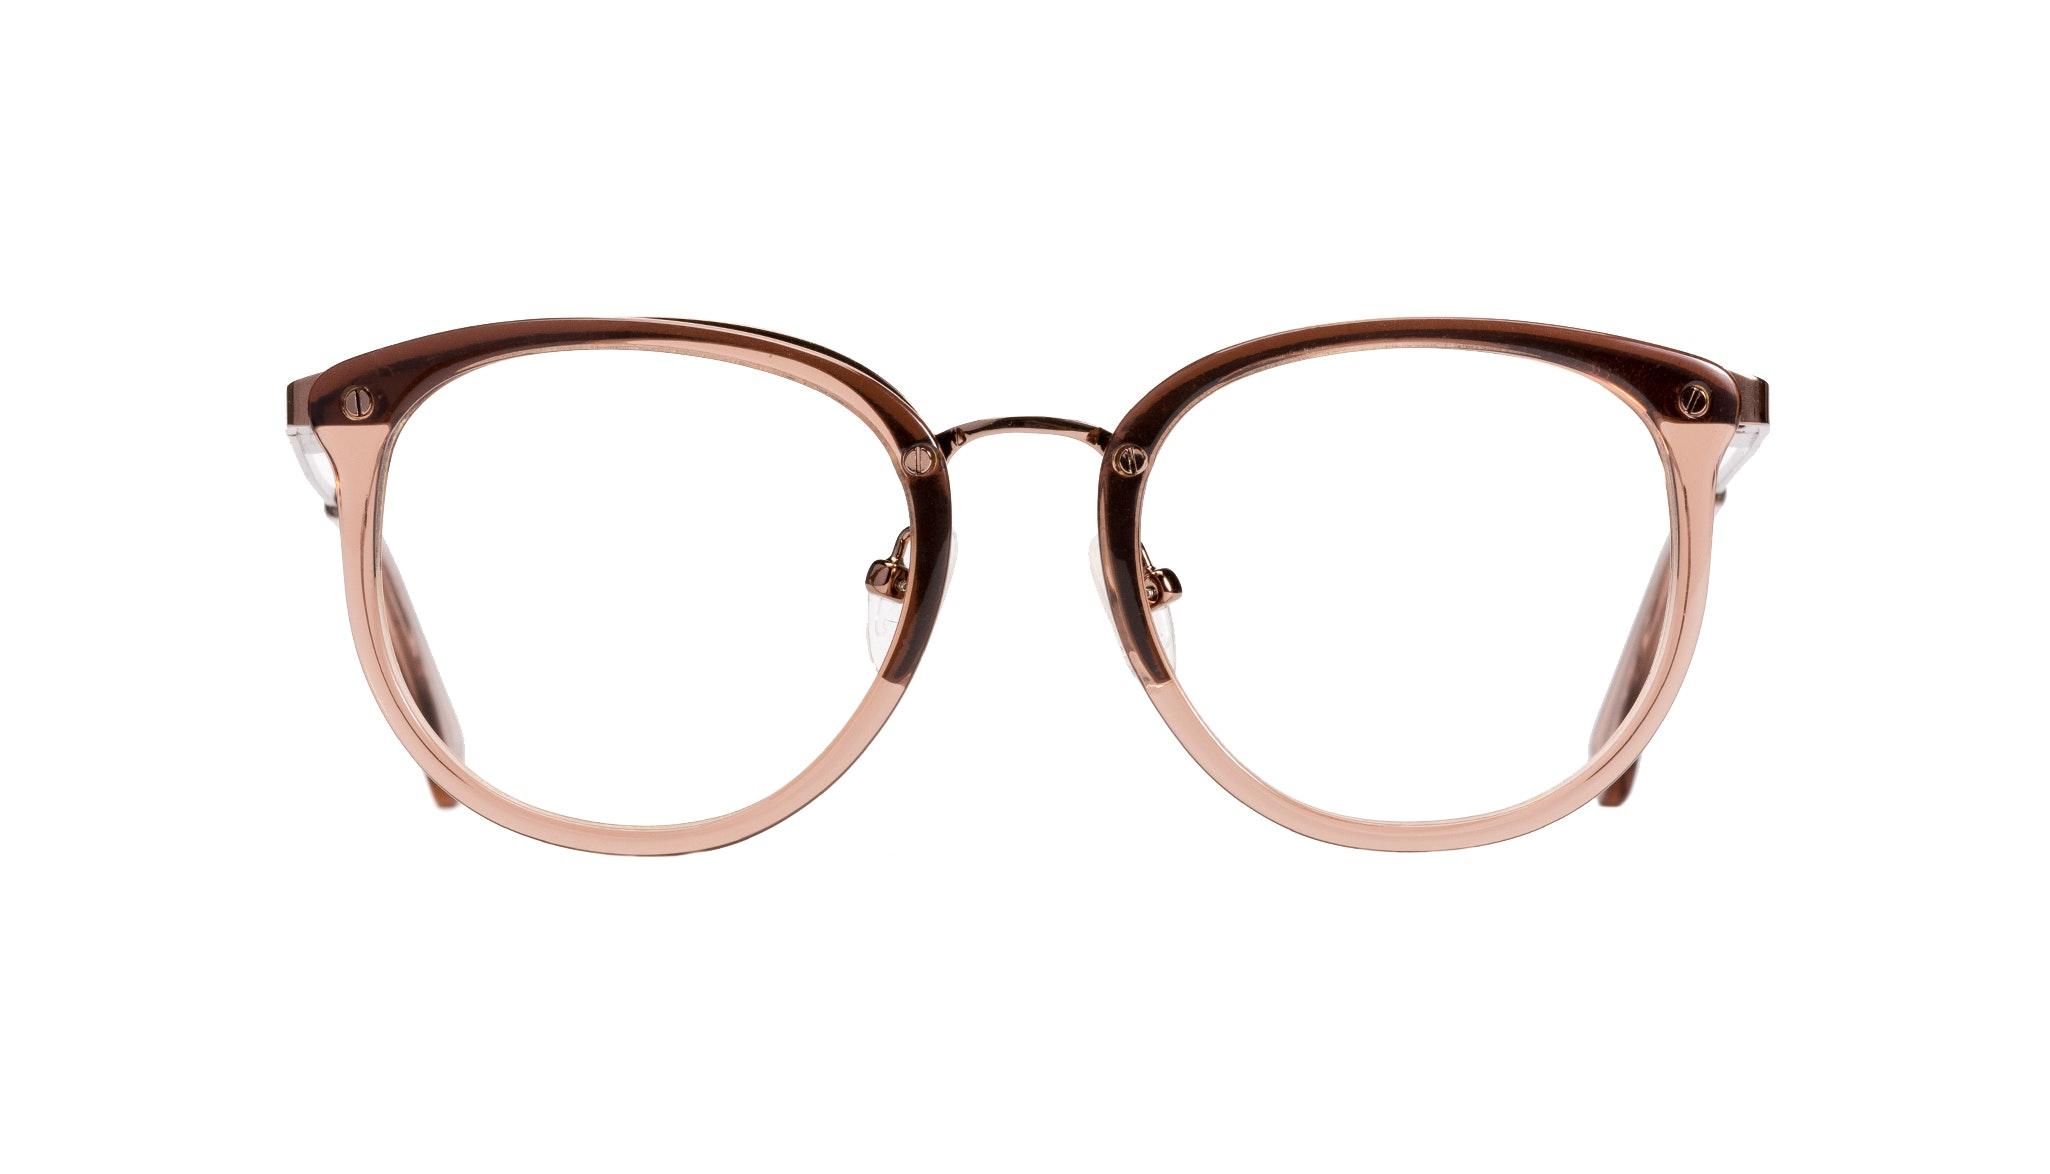 Affordable Fashion Glasses Round Eyeglasses Women Amaze Petite Rose  Front